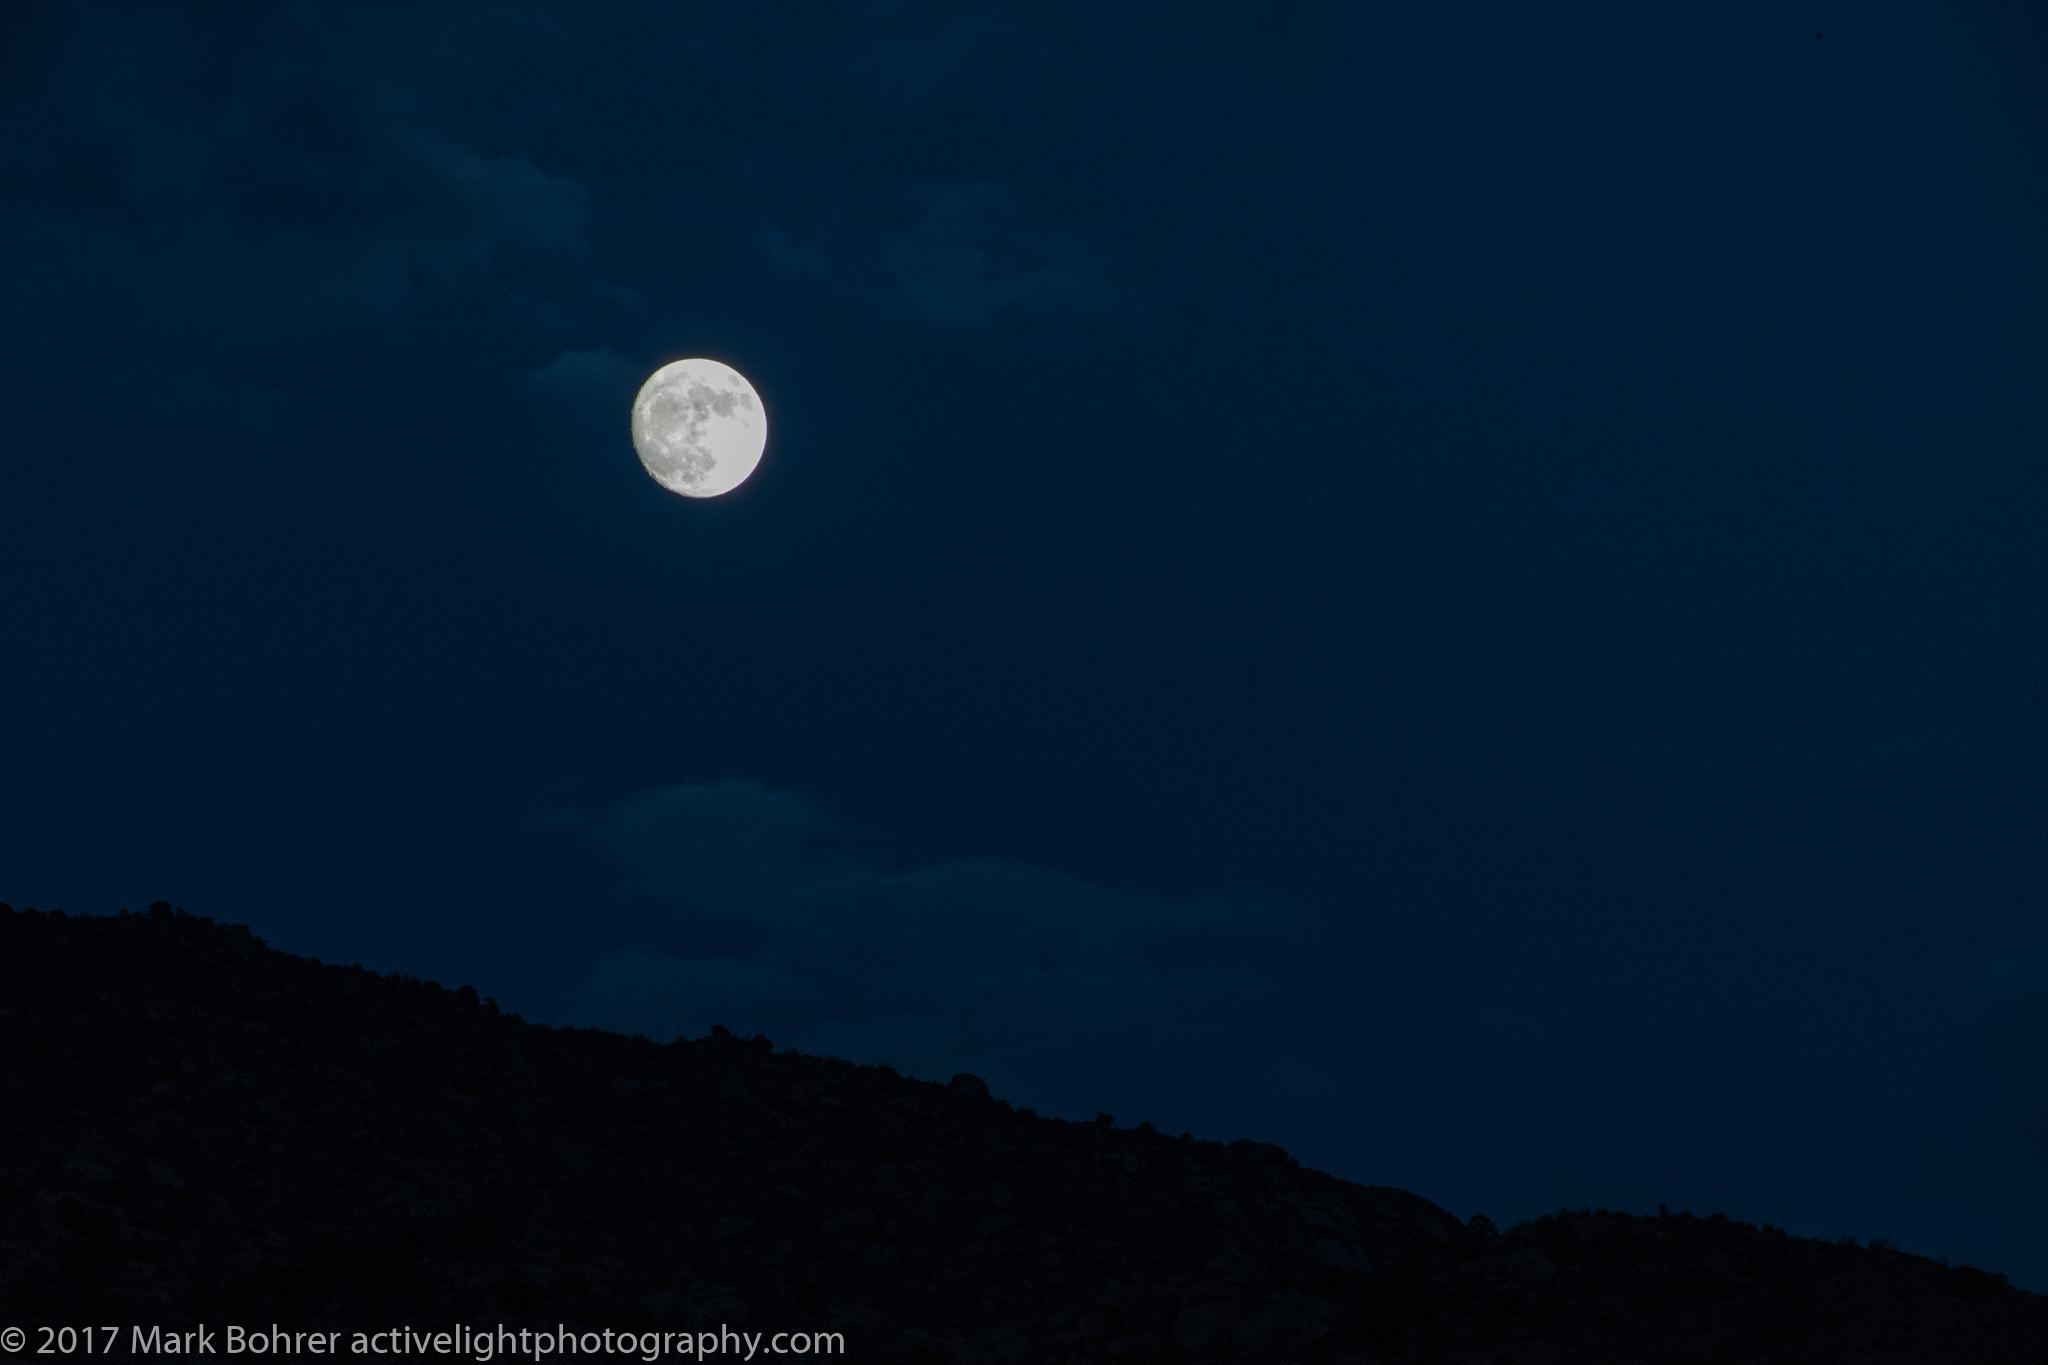 Moonrise sans clouds